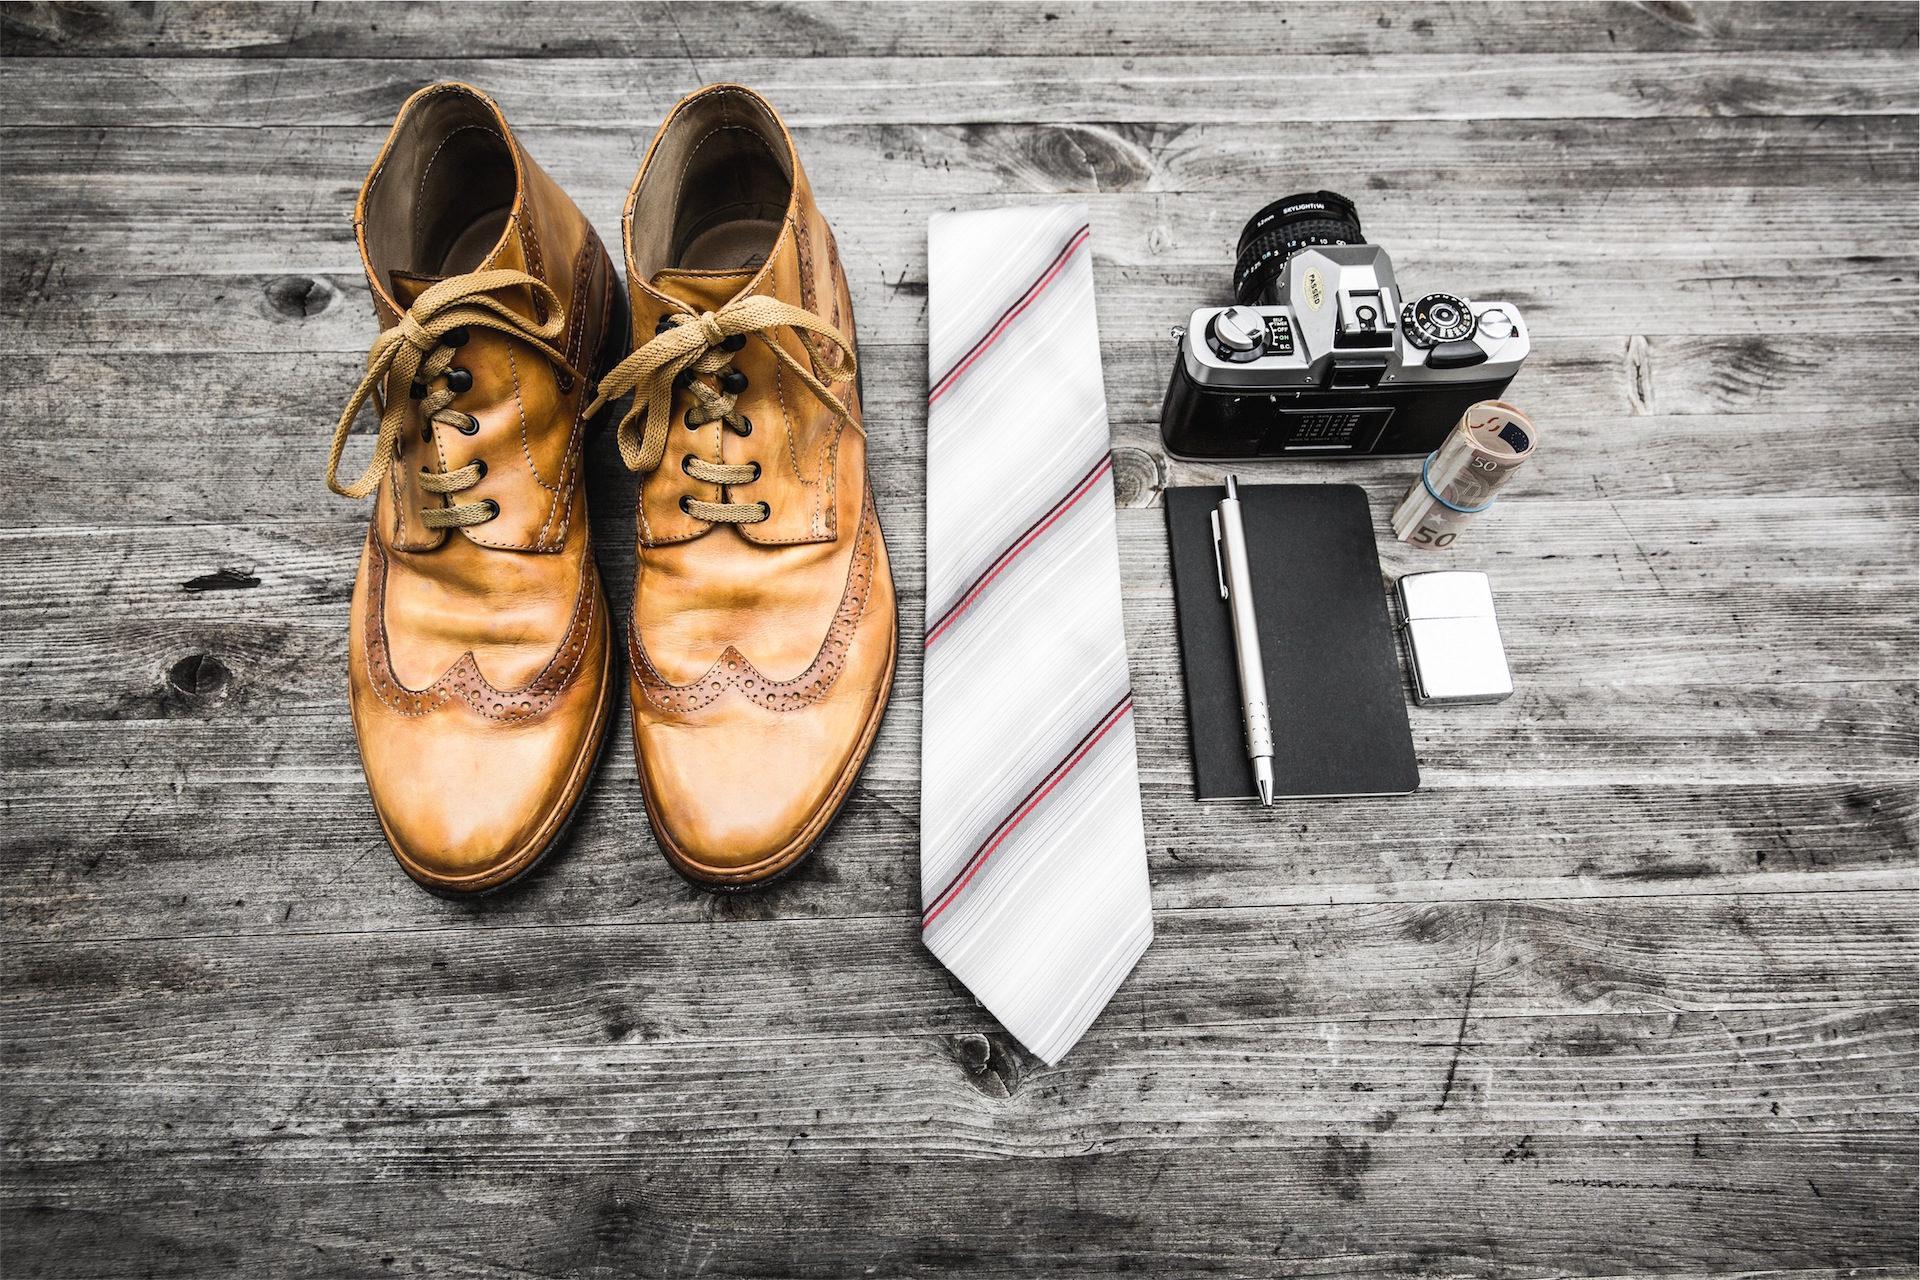 botas, Ordem do dia, gravata, Cámara, madeira - Papéis de parede HD - Professor-falken.com